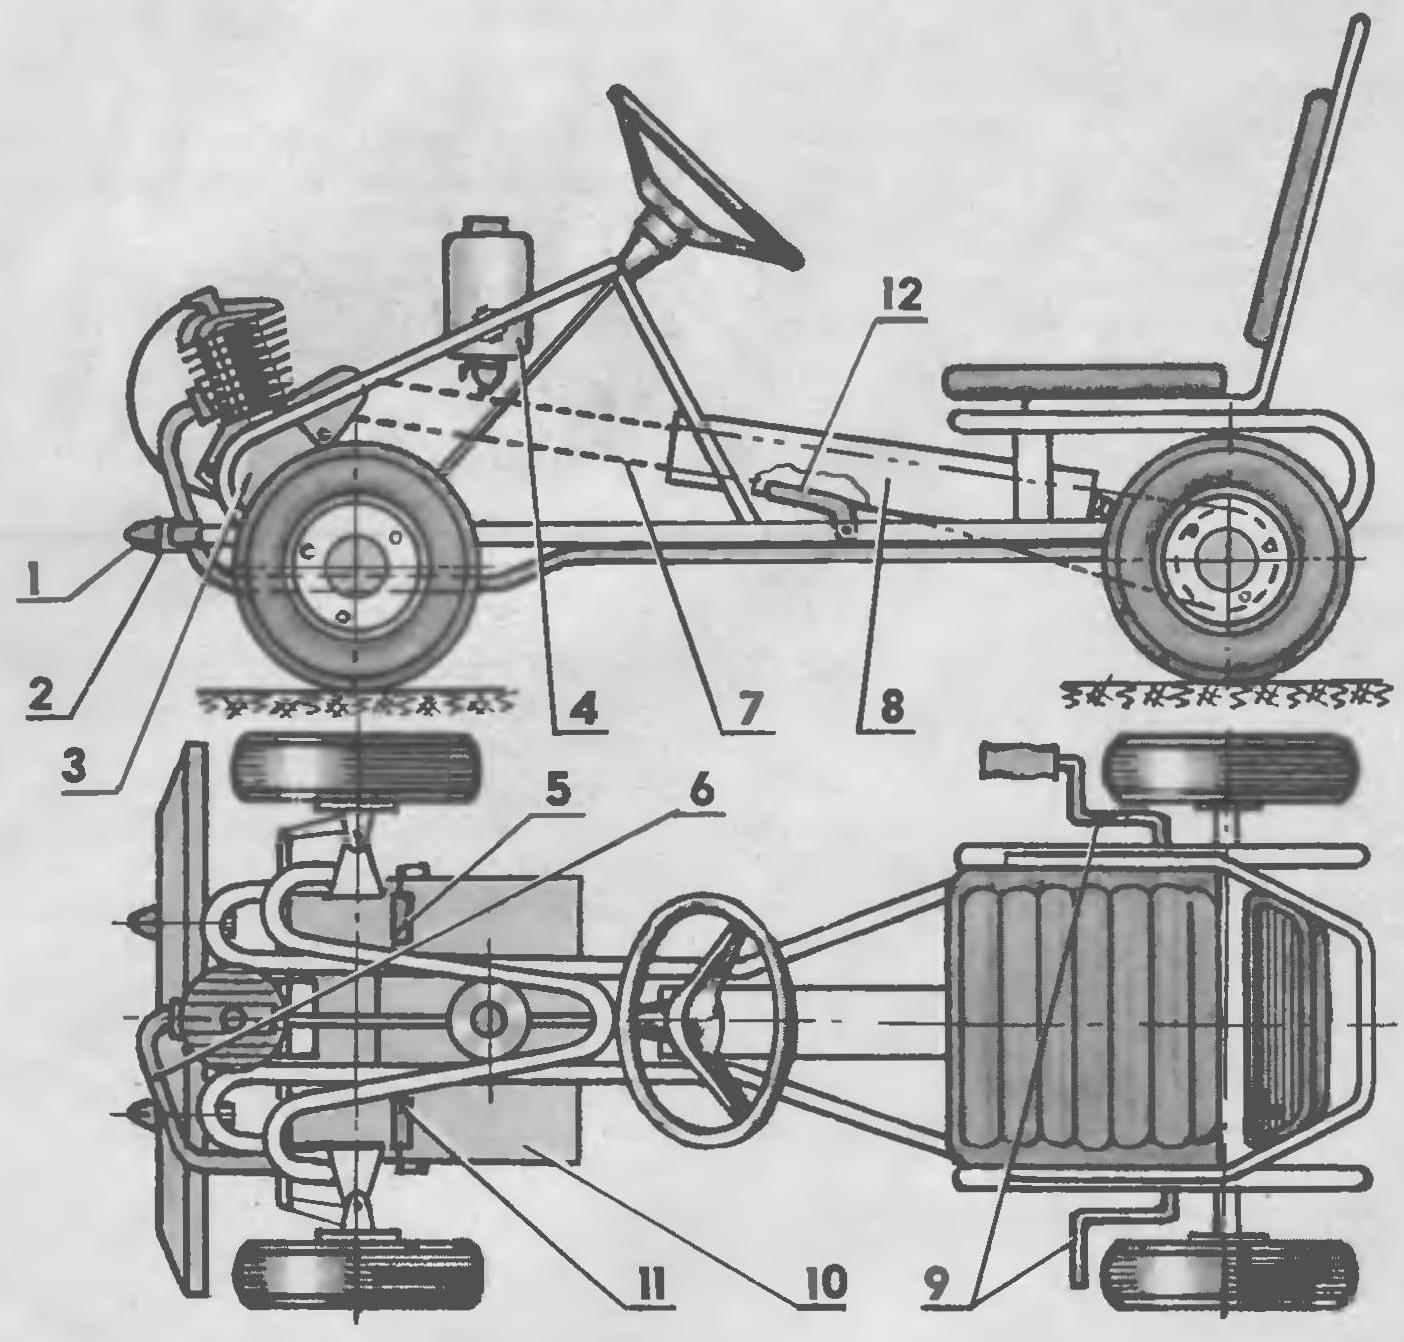 Детский автомобиль с двигателем Д-6 на базе педальной машины типа «Карт», «Лидер» или «Соболек»